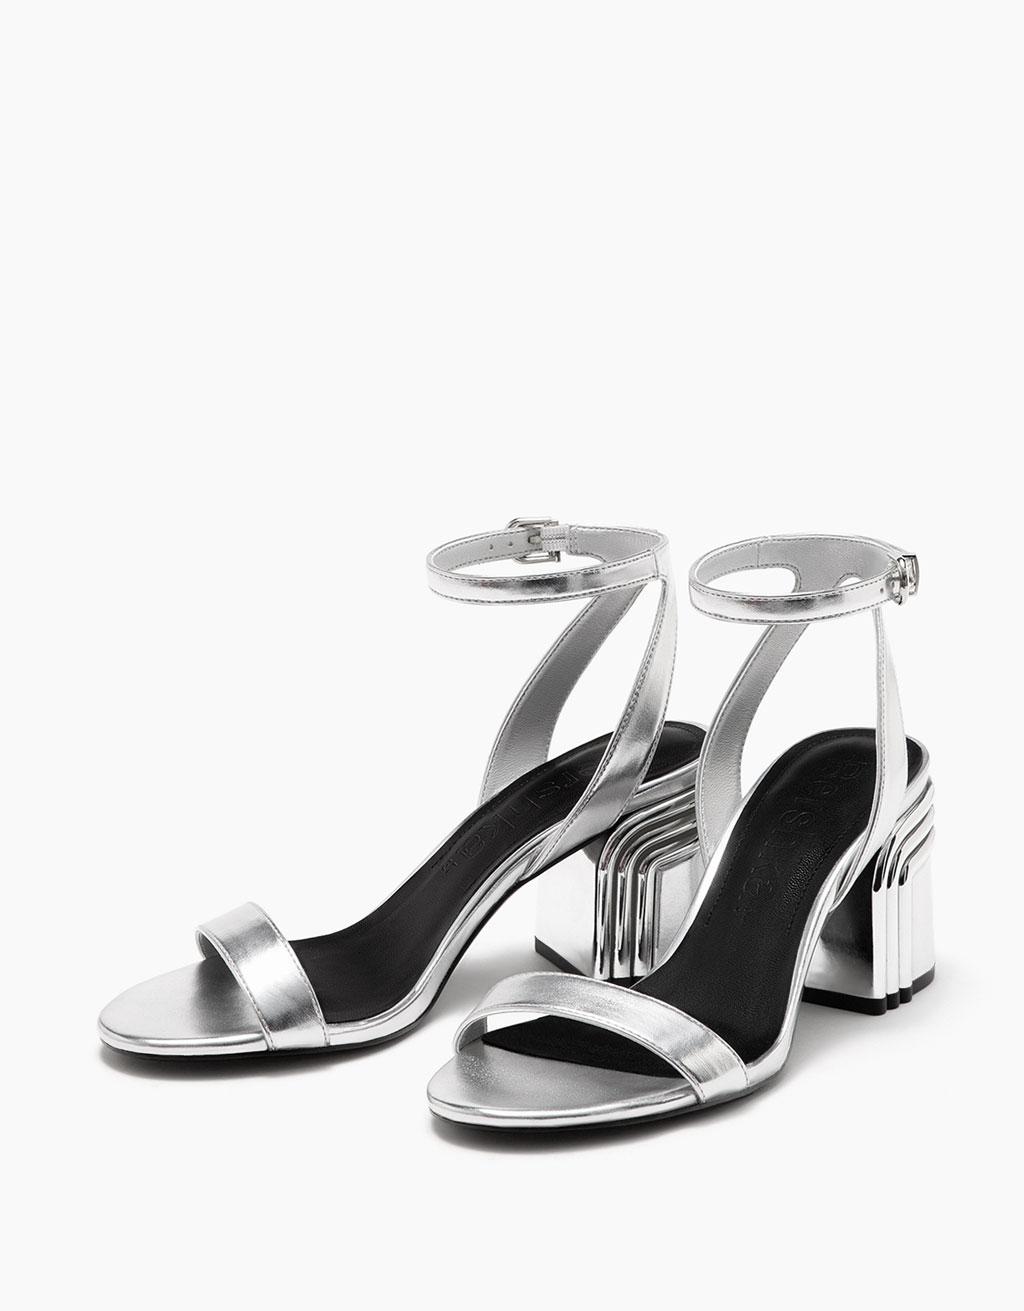 Sandale mit mittelhohem Absatz, dreifarbigem Detail und Metallic-Finish